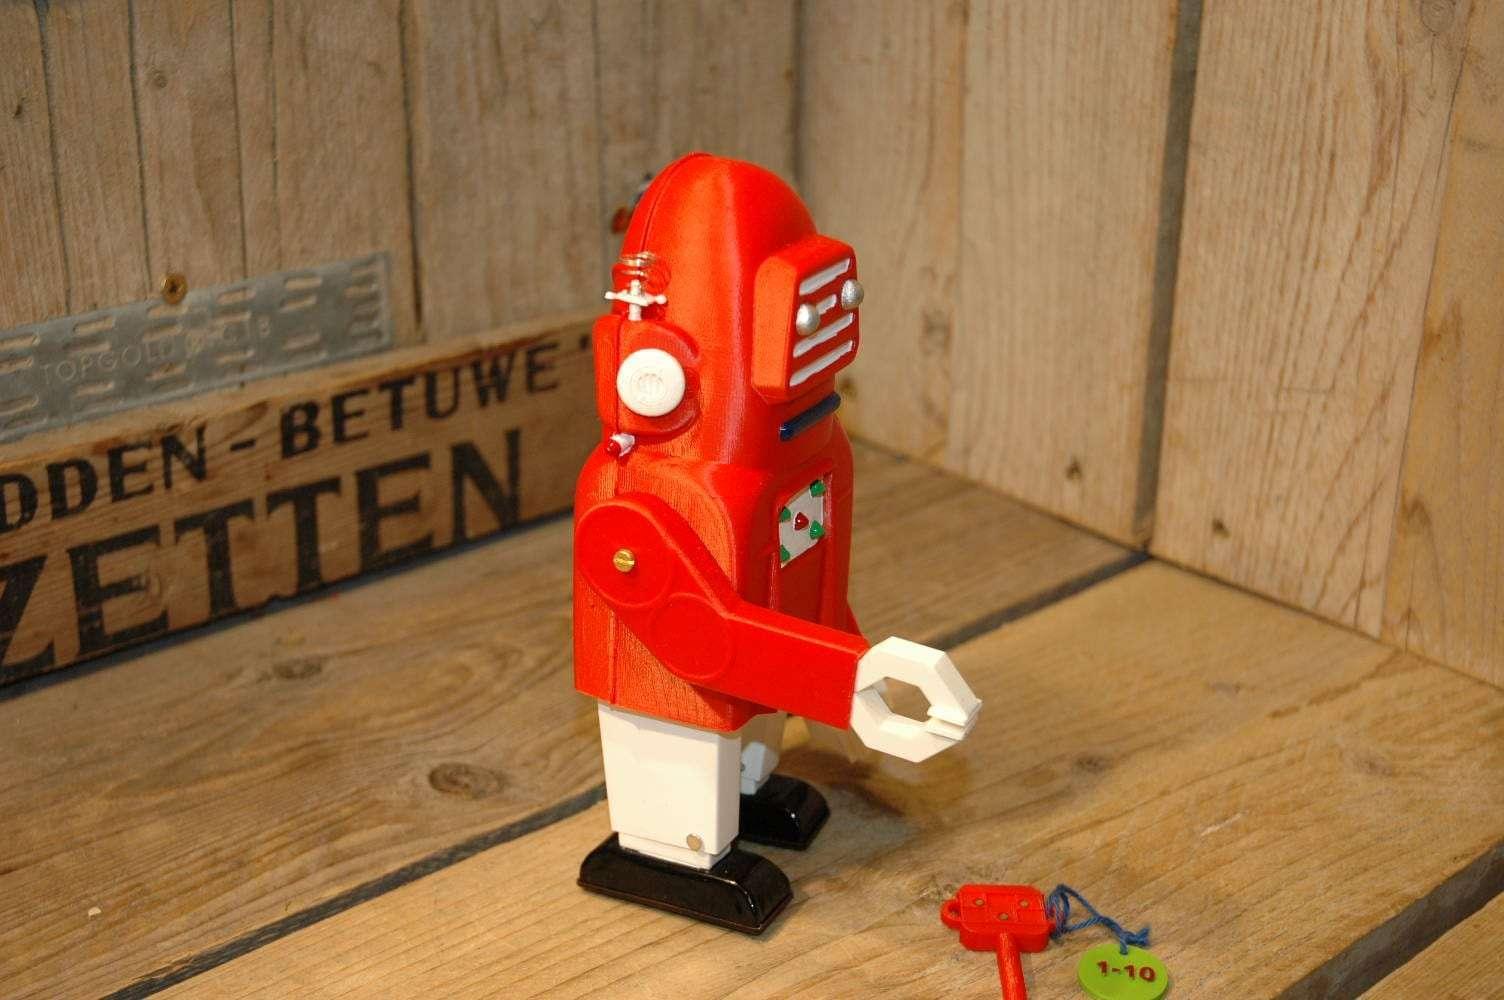 VST - Robotino 3D Printed Robot